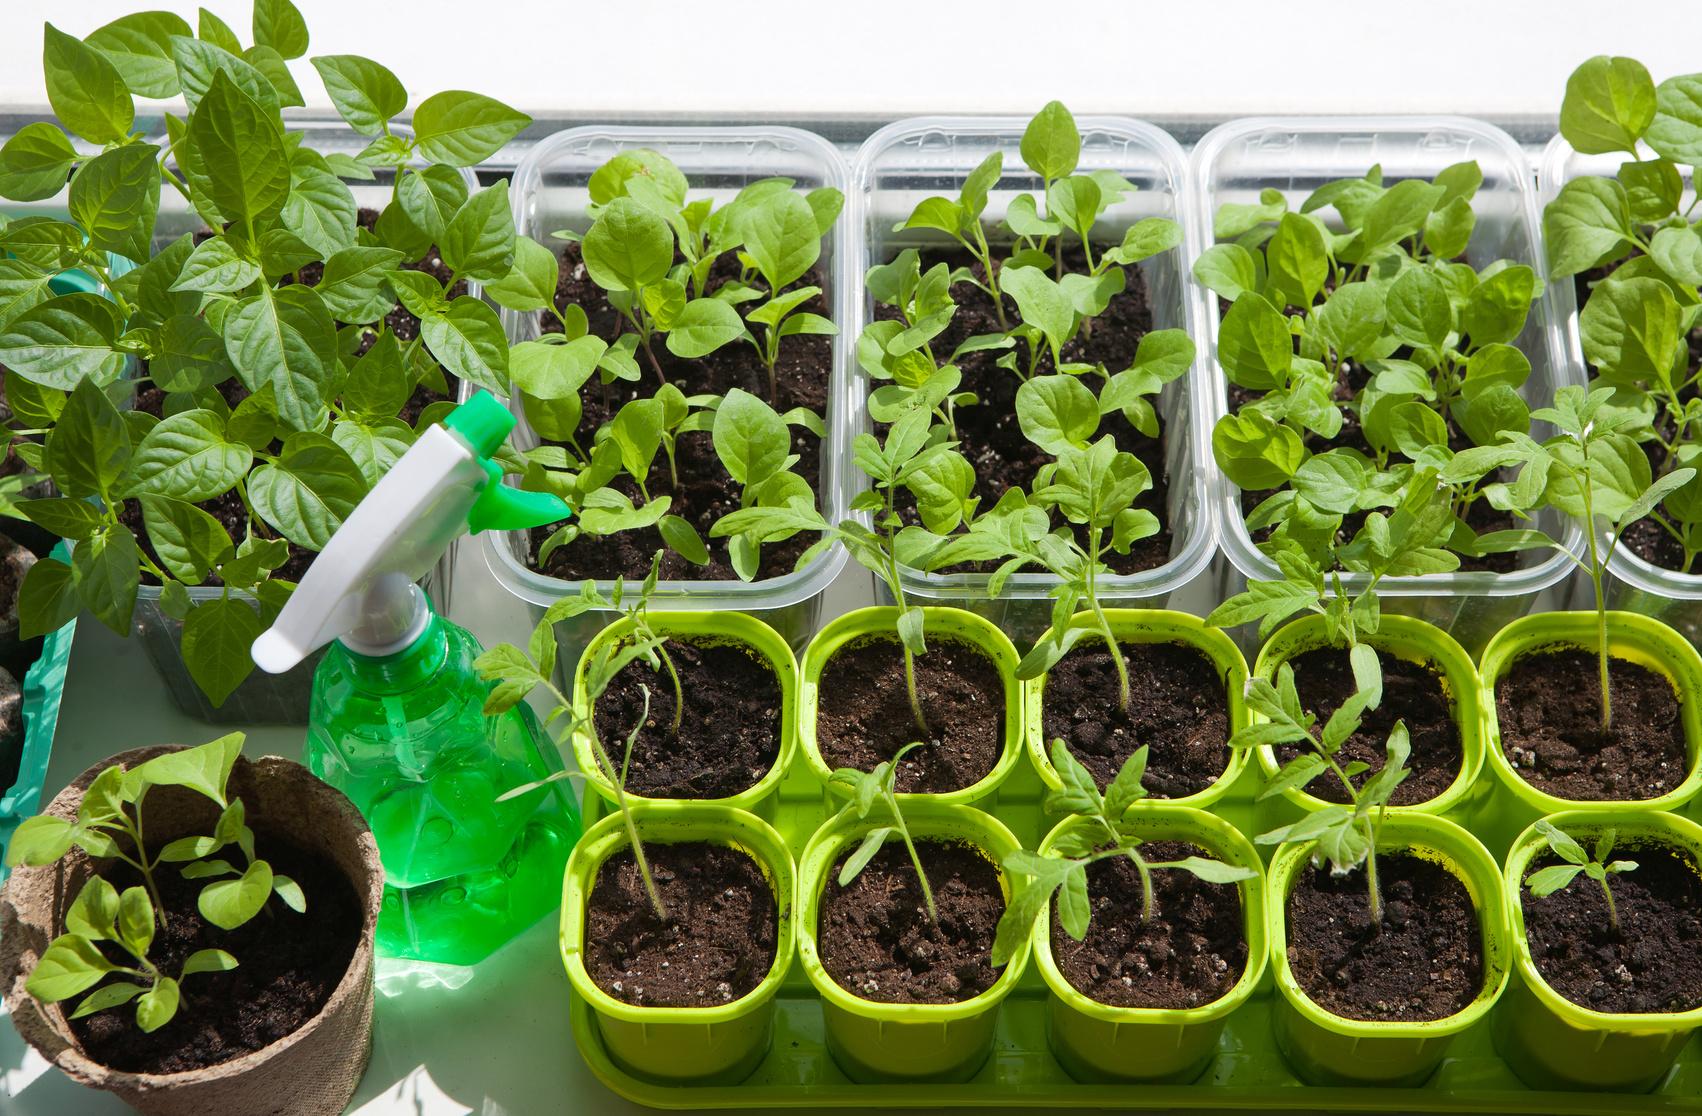 5 ortaggi da seminare a febbraio nel semenzaio for Piantine ortaggi